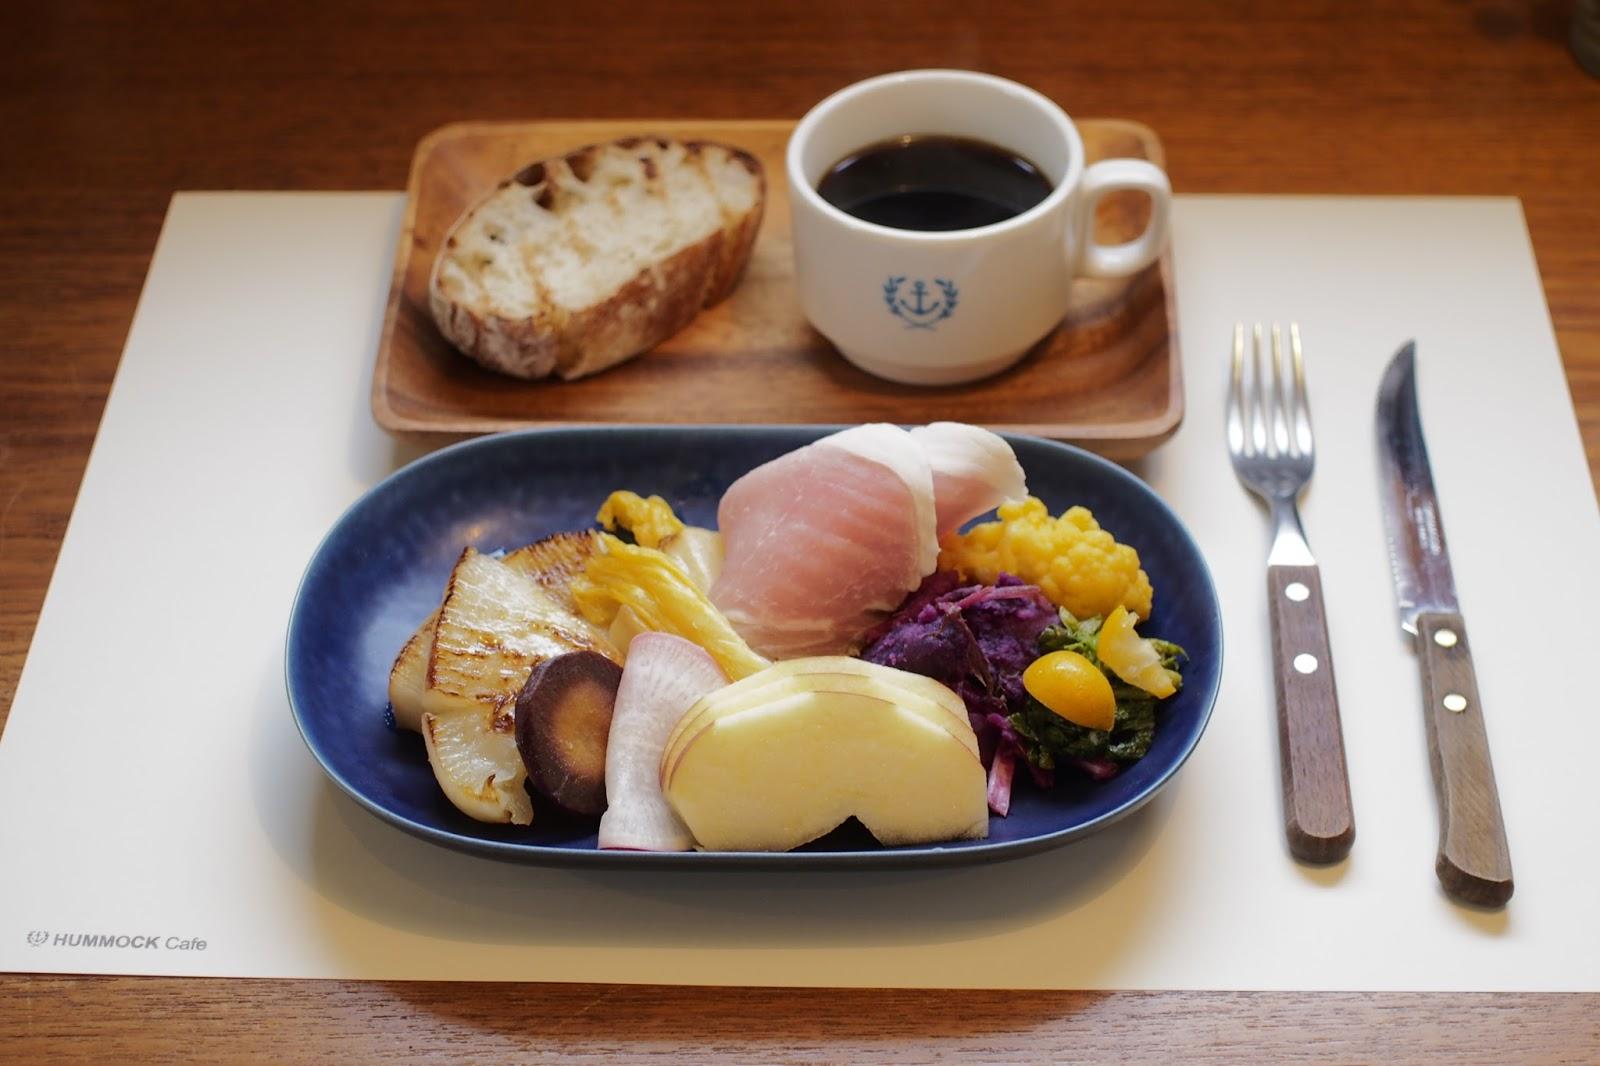 写真はたっぷりの季節野菜&フルーツ、自家製ハム、自然発酵種パン、コーヒーがセットになったヘルシーなモーニングメニュー「朝食プレート」。他に「ブレッドプレート」もあり。